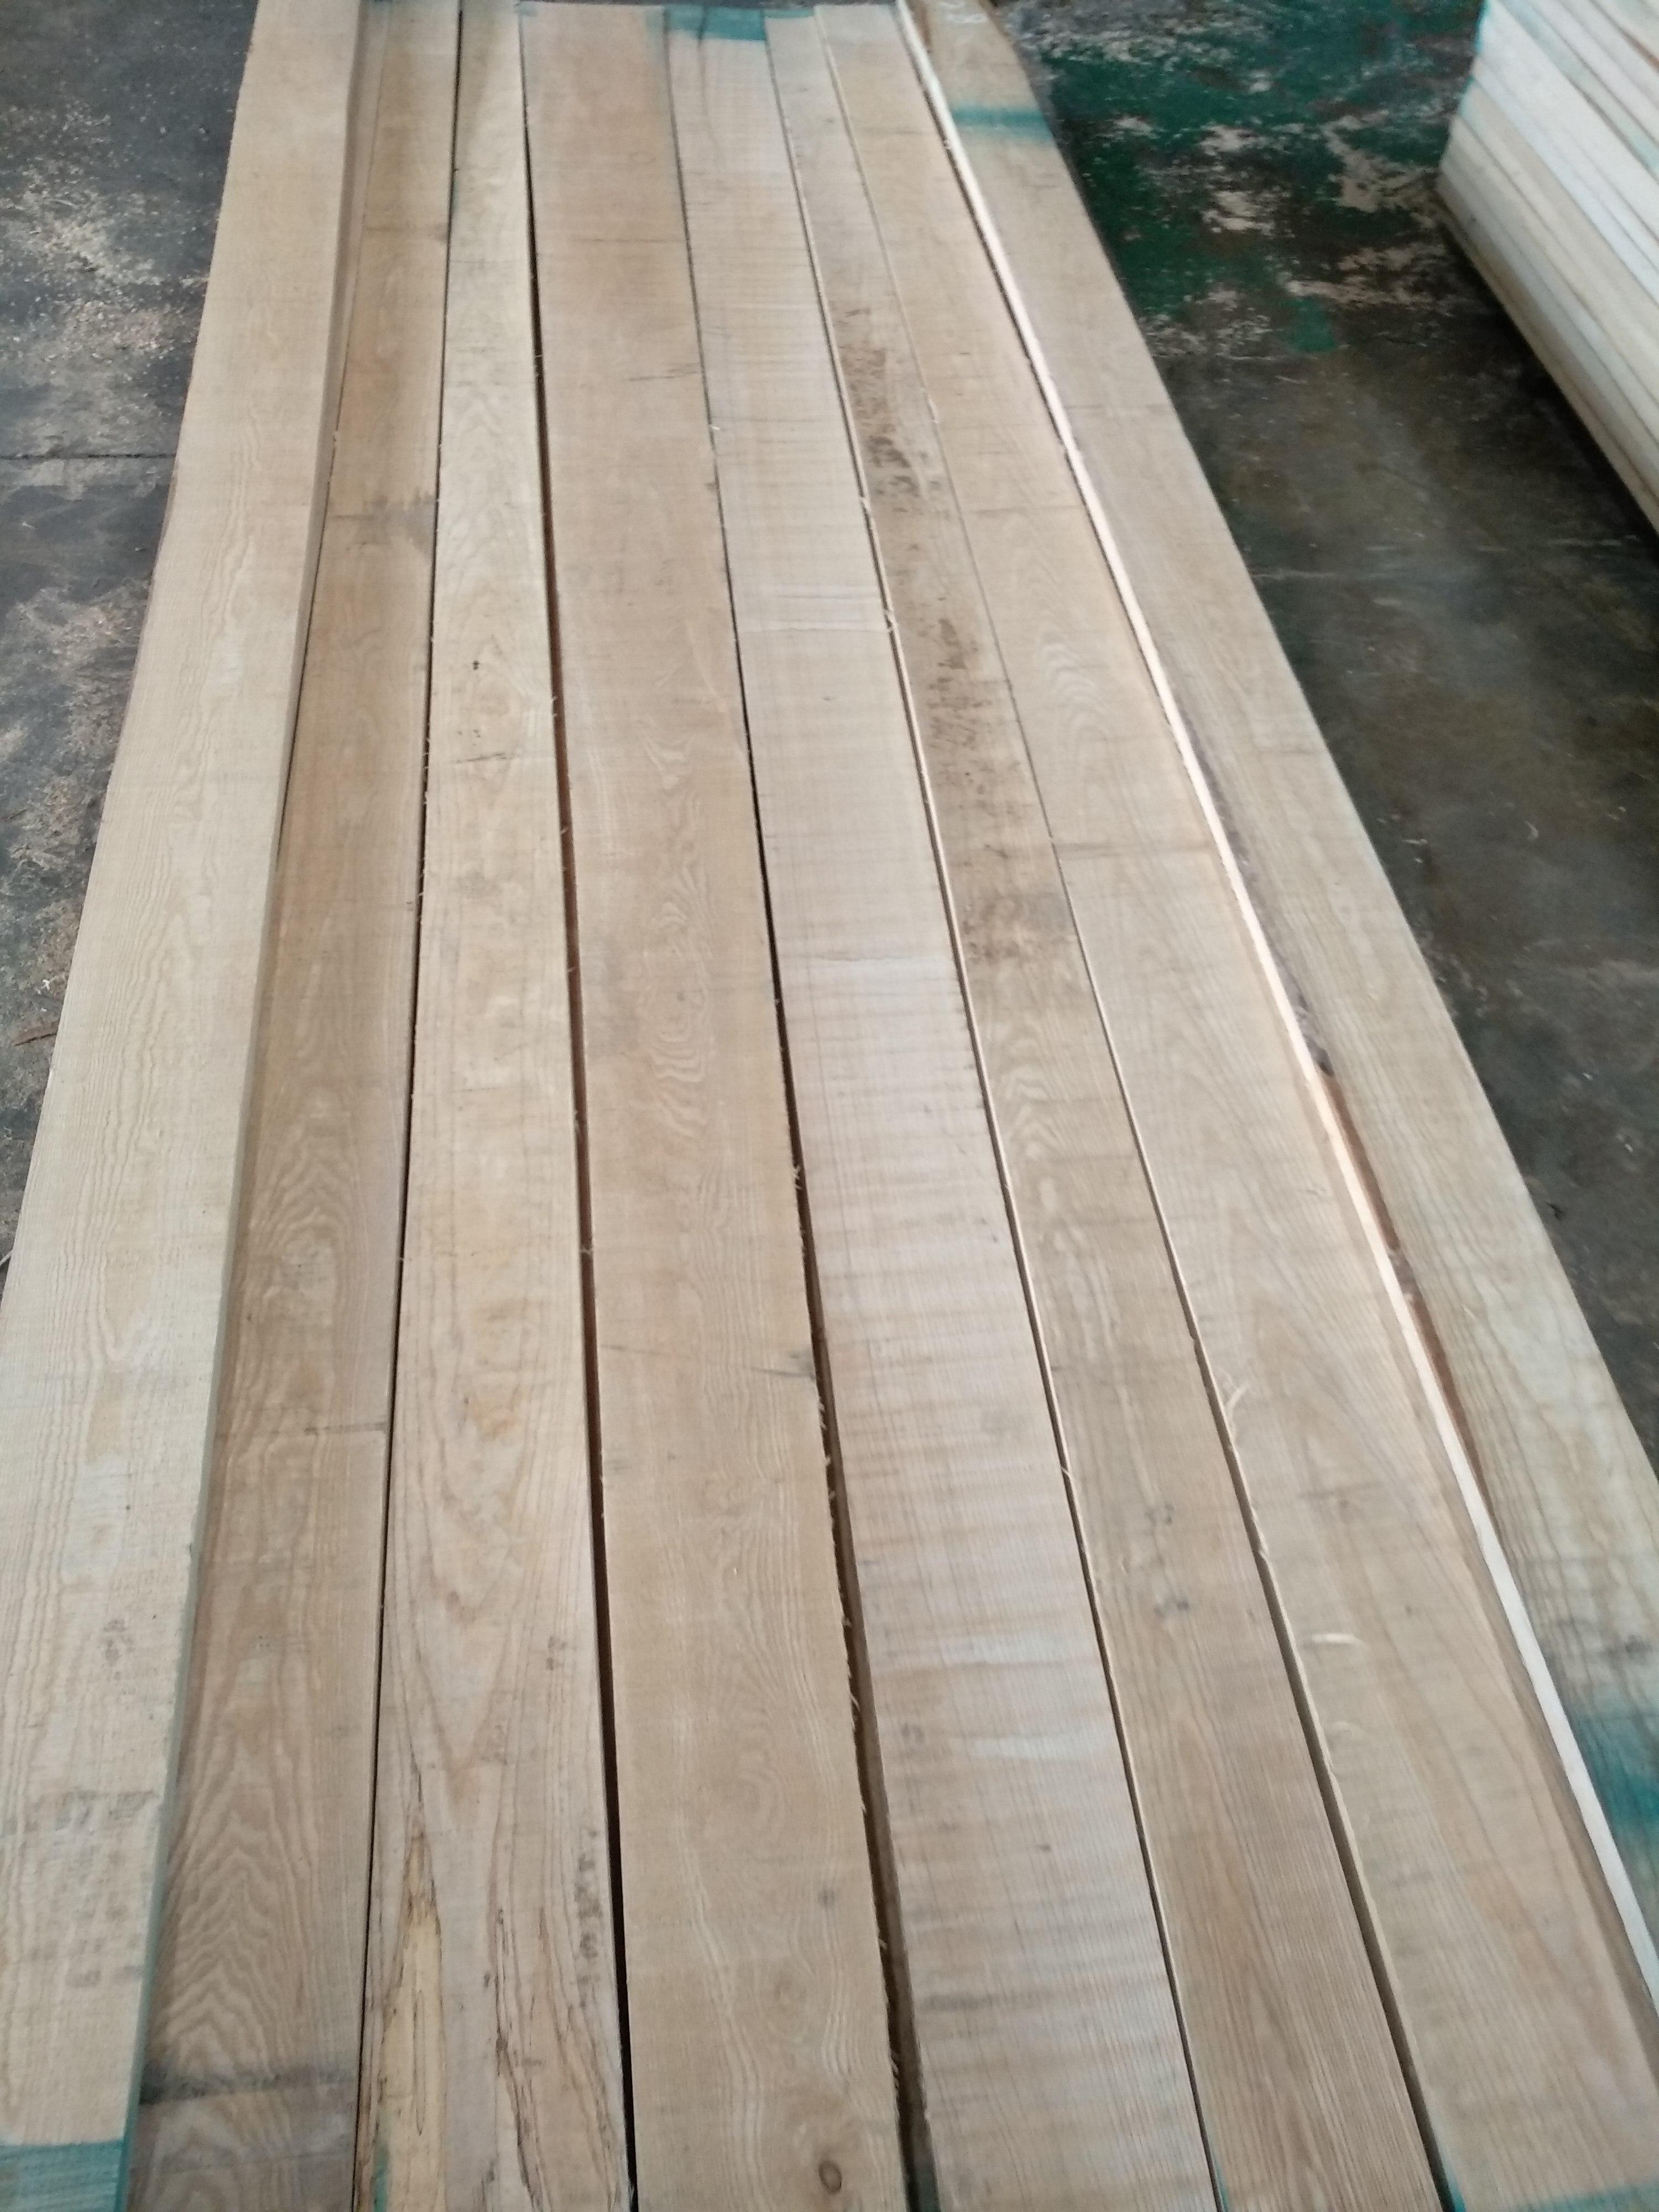 白蜡木板材厂家 白蜡木供应商 俄罗斯白蜡木 白蜡木厂家 供应白蜡木 批发白蜡木 实木白蜡木